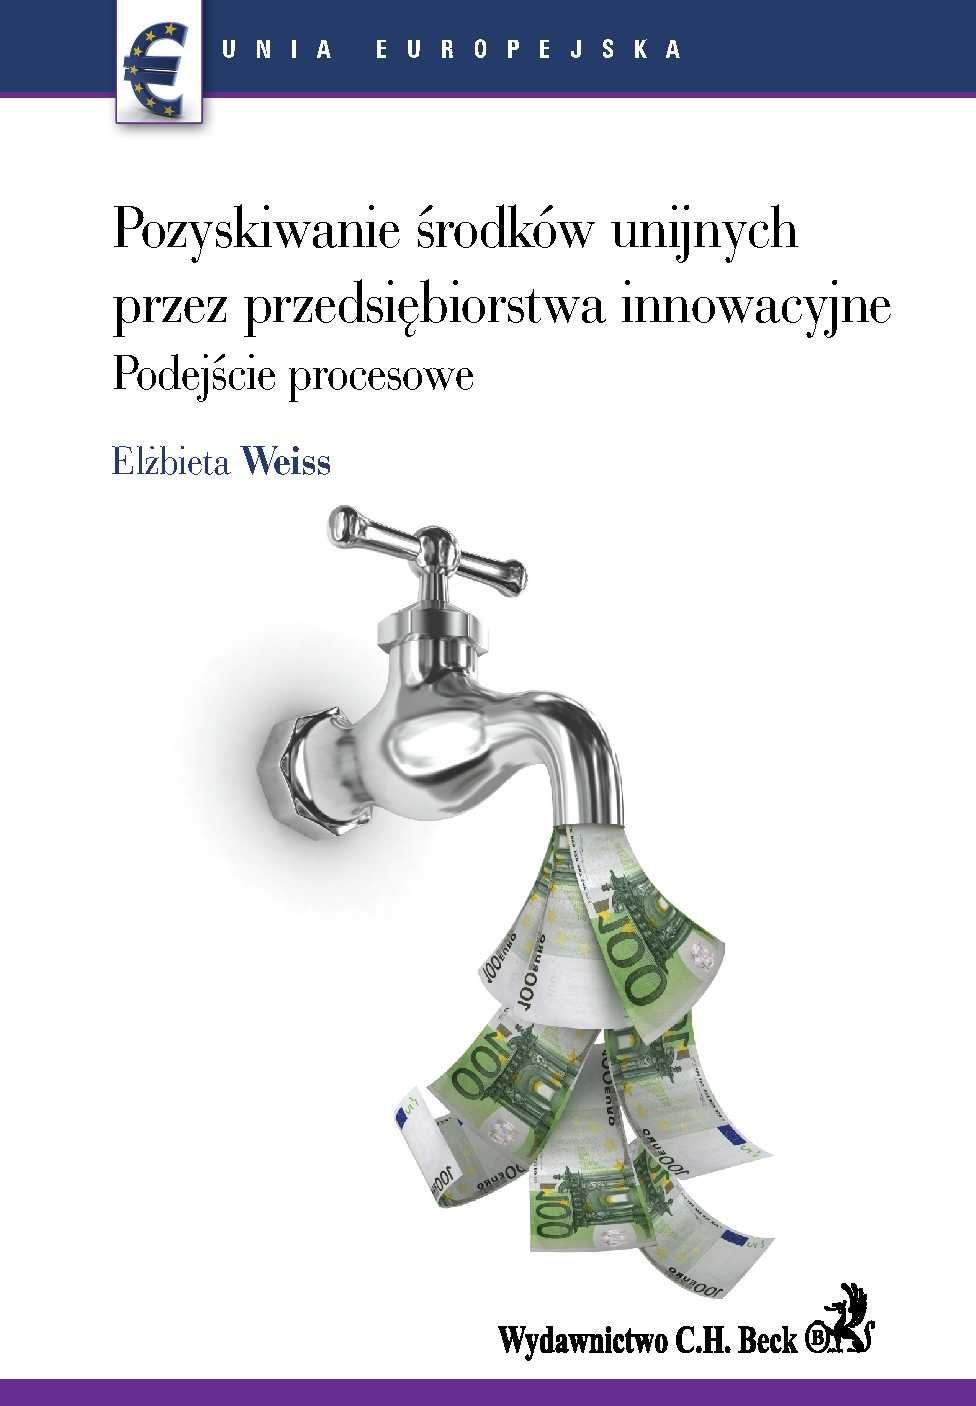 Pozyskiwanie środków unijnych przez przedsiębiorstwa innowacyjne. Podejście procesowe. - Ebook (Książka PDF) do pobrania w formacie PDF